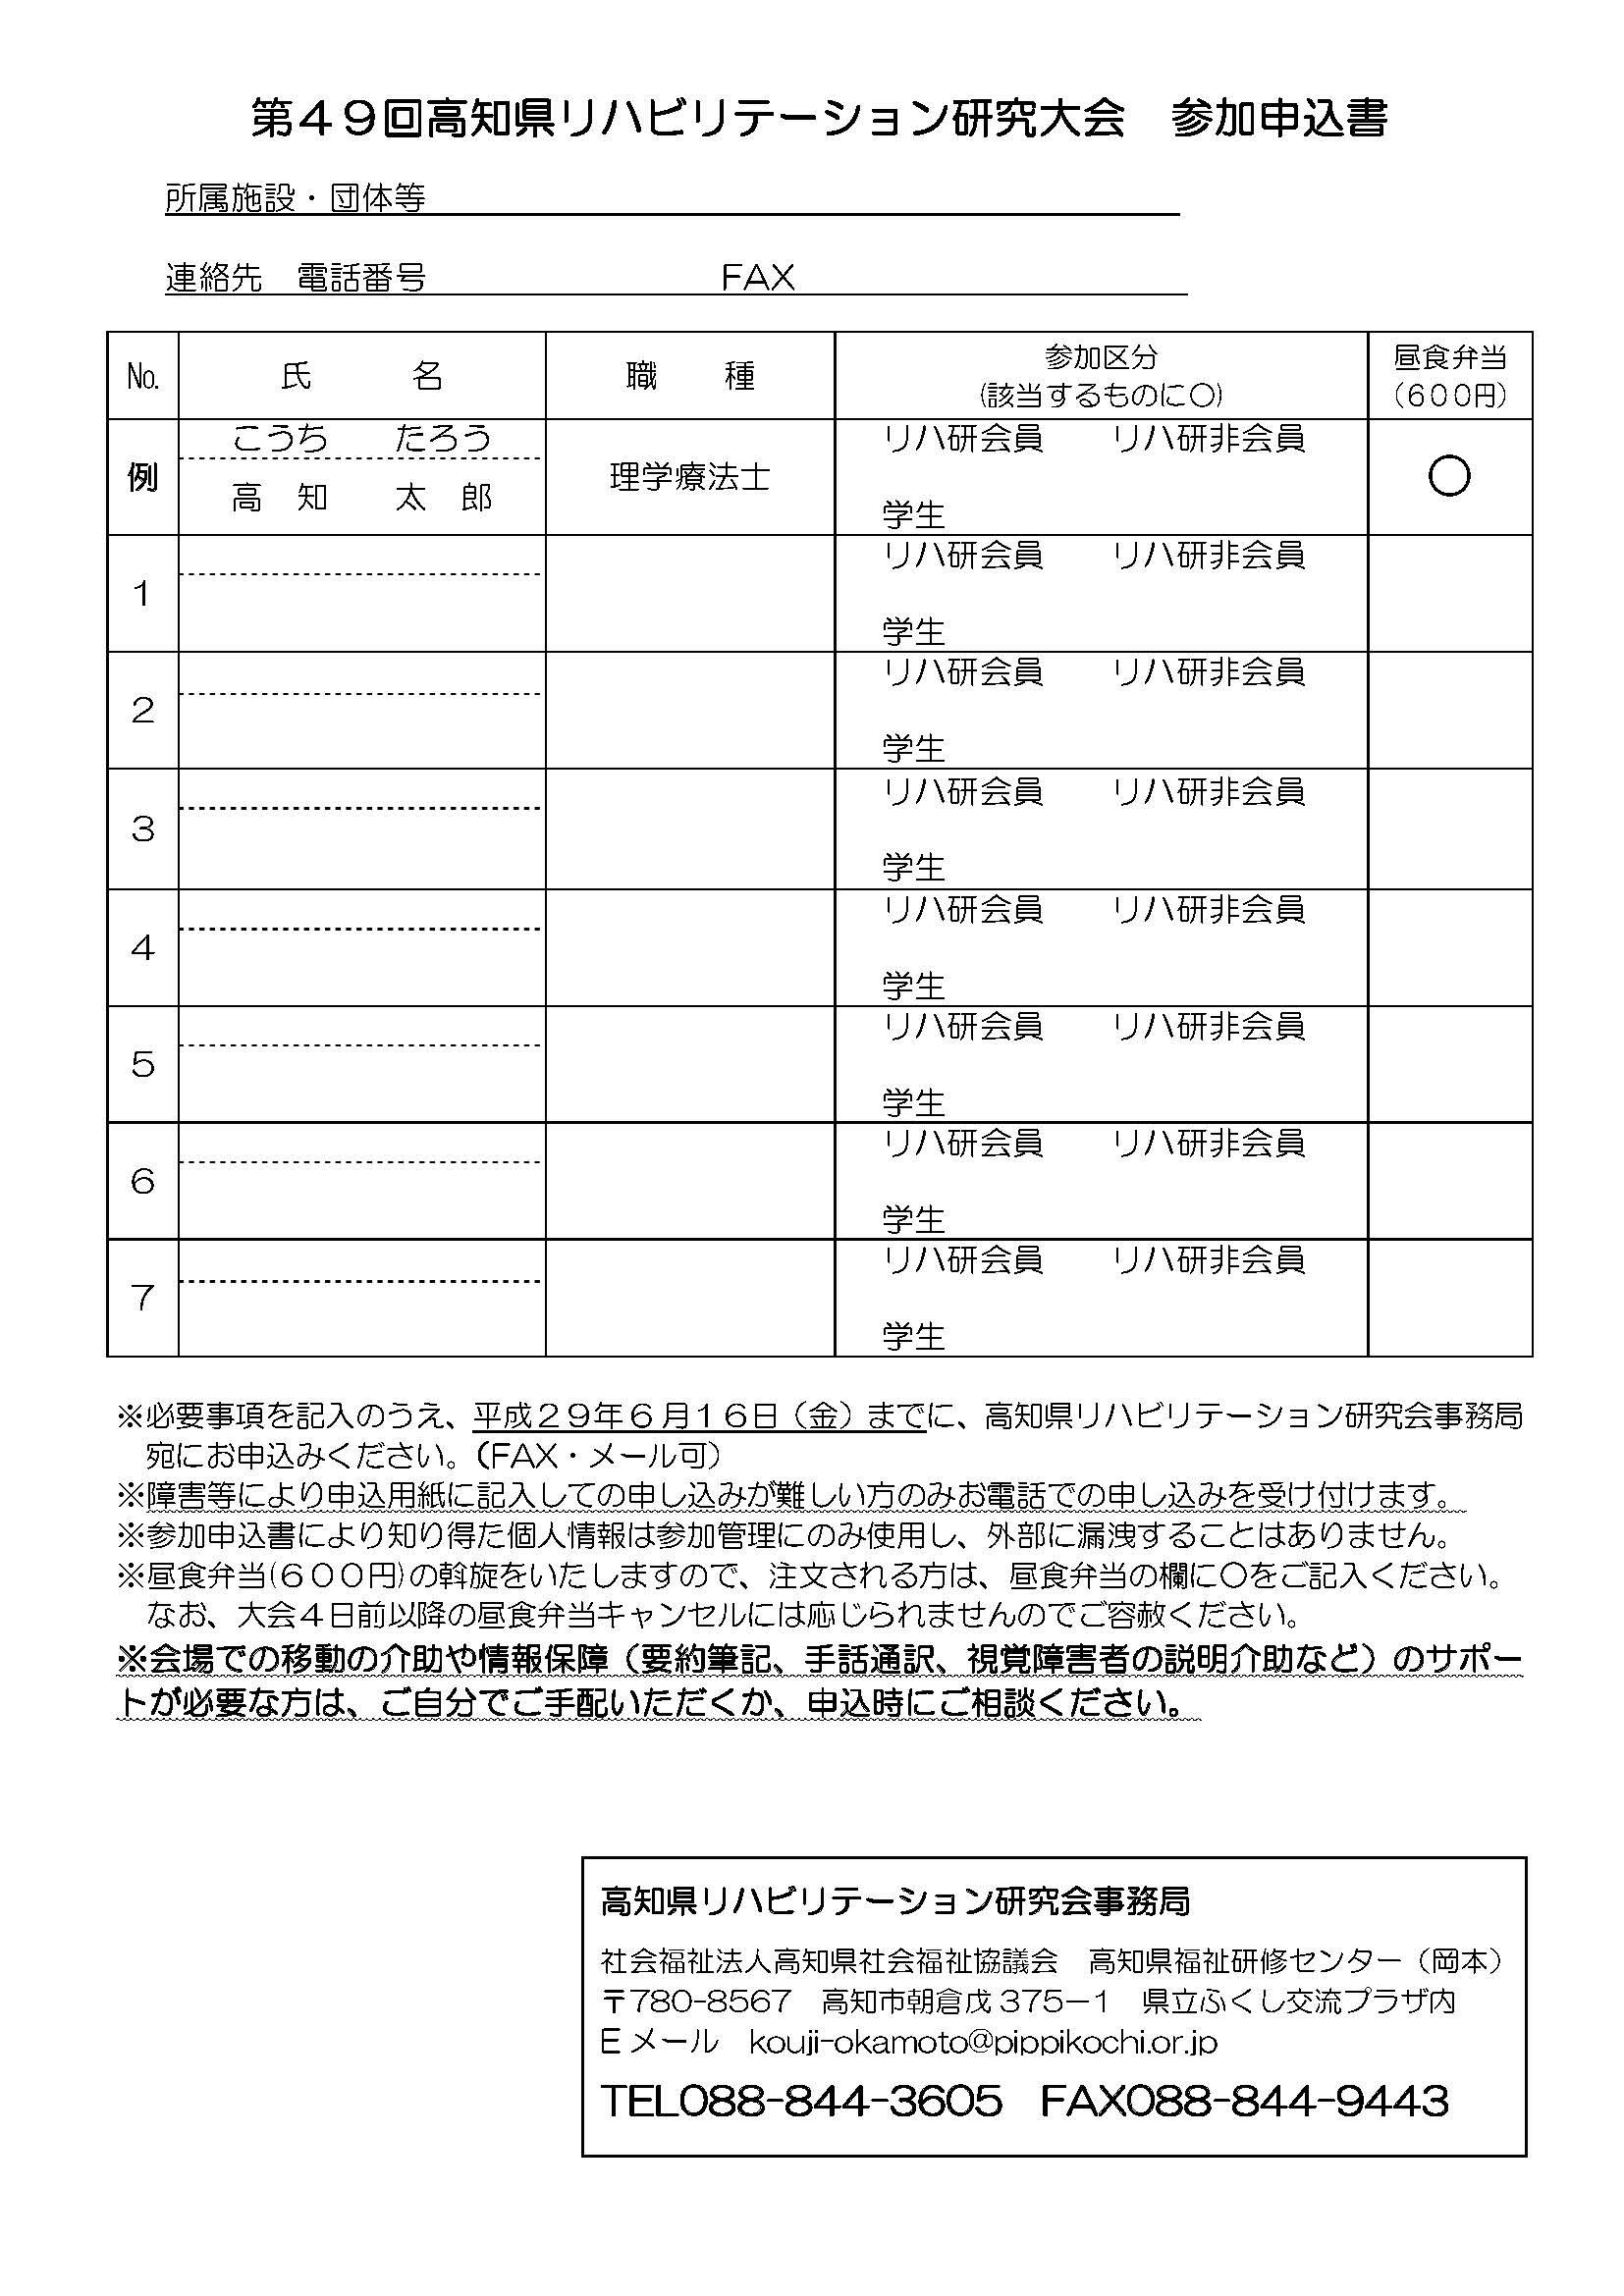 第49回大会開催要綱(最終案)_ページ_3